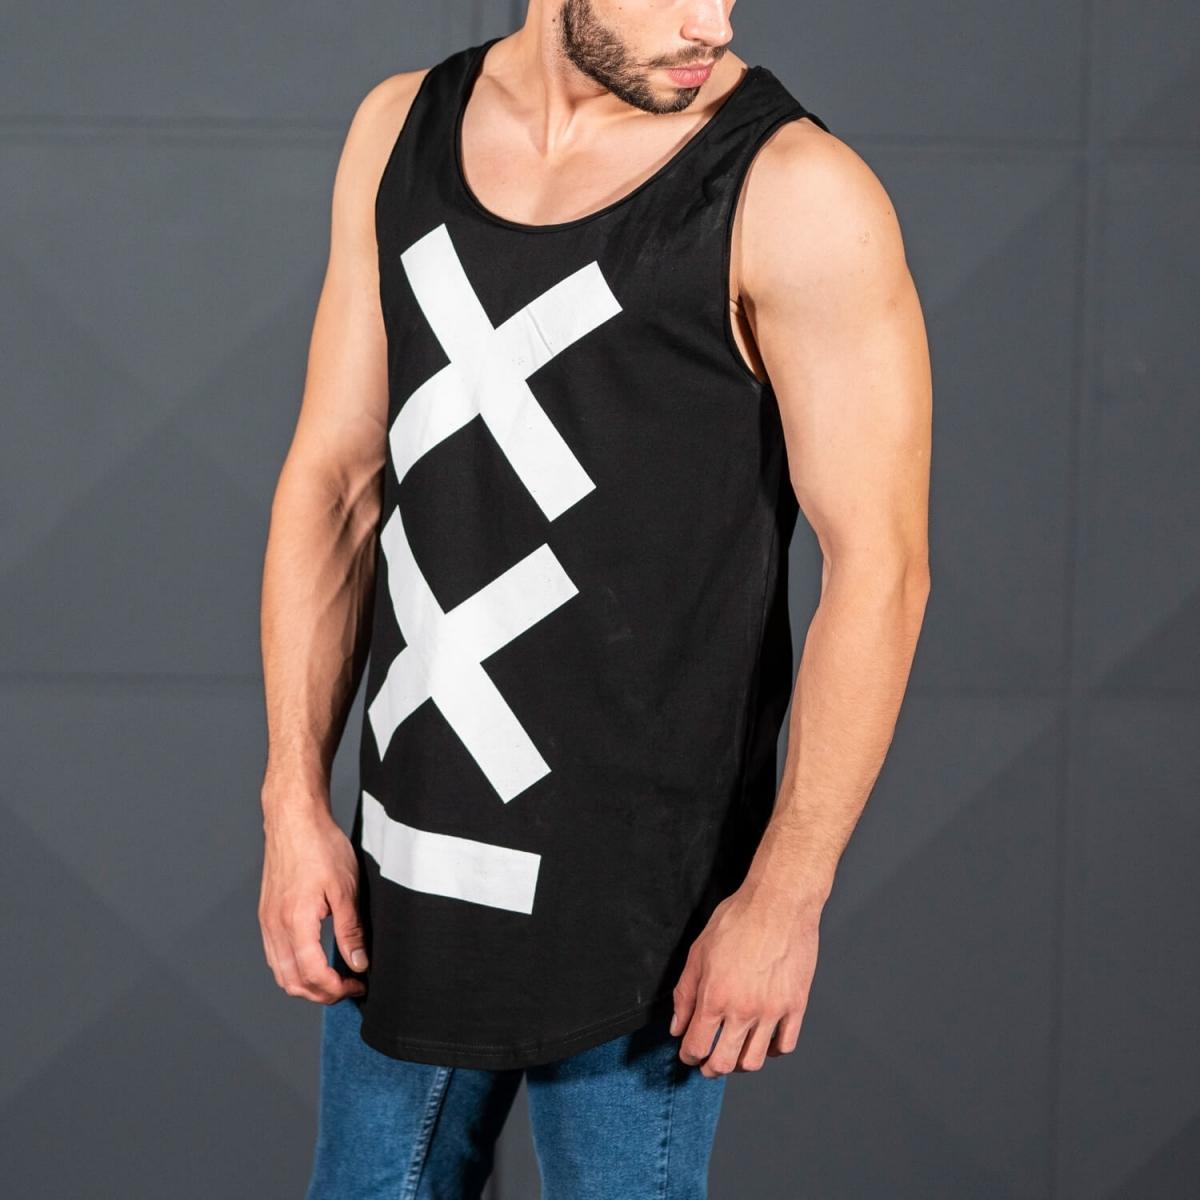 Erkek Gym Kolsuz Spor Uzun XX Logo Atlet Tişört Siyah